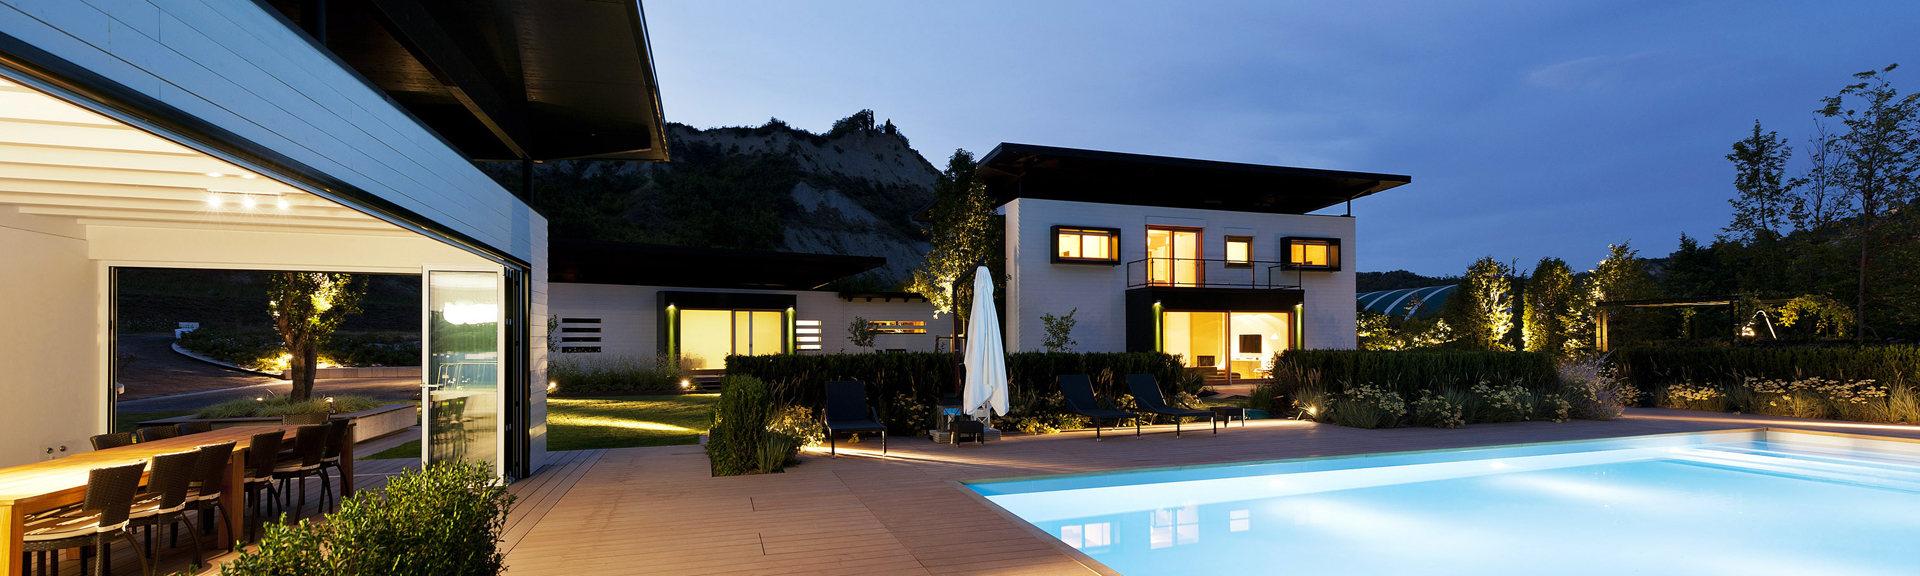 Risparmio e sicurezza spingono le case in legno il sole for Costruzioni case moderne